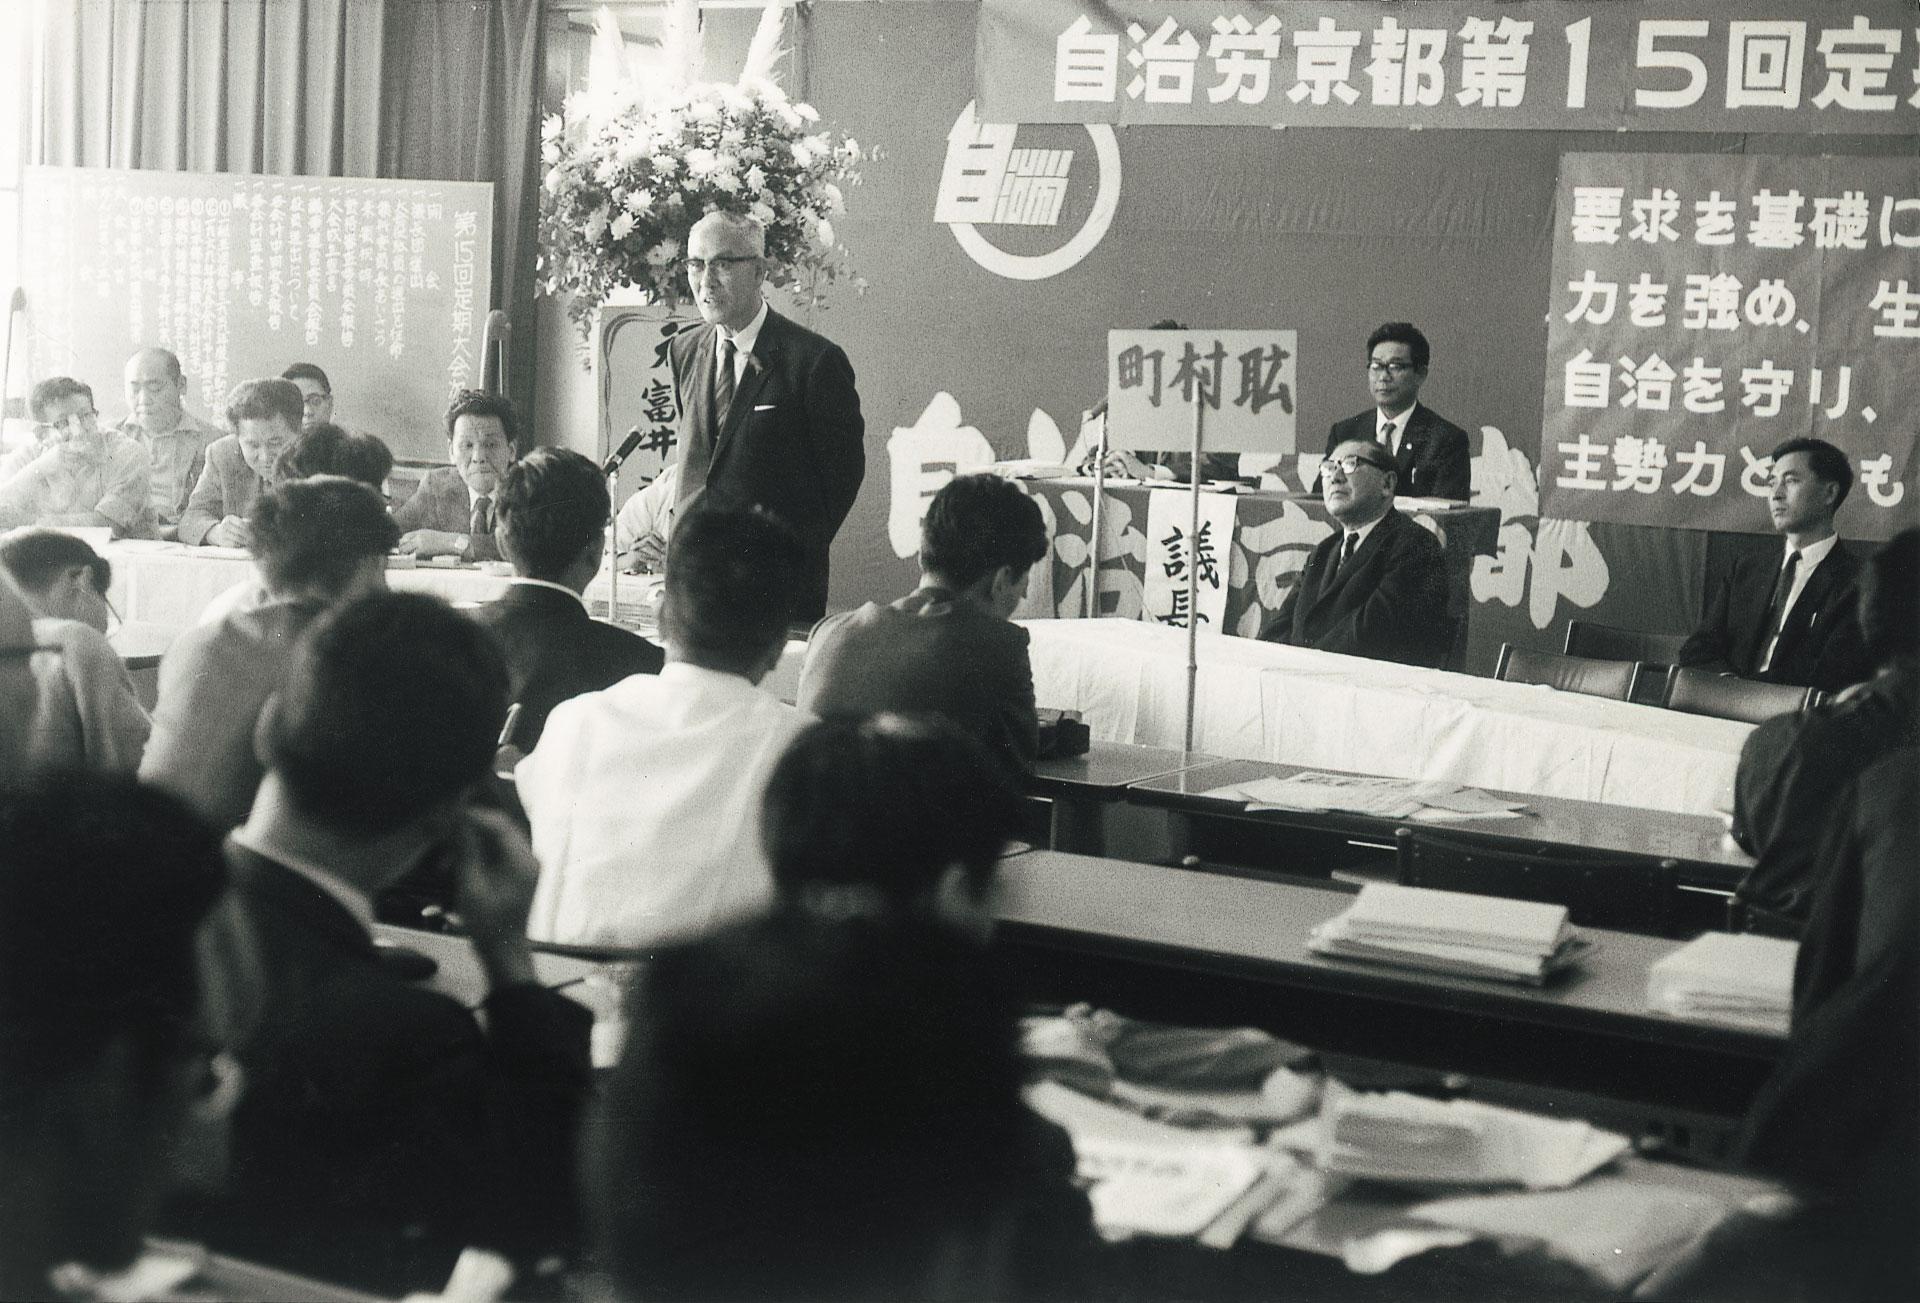 自治労京都第15回定期大会